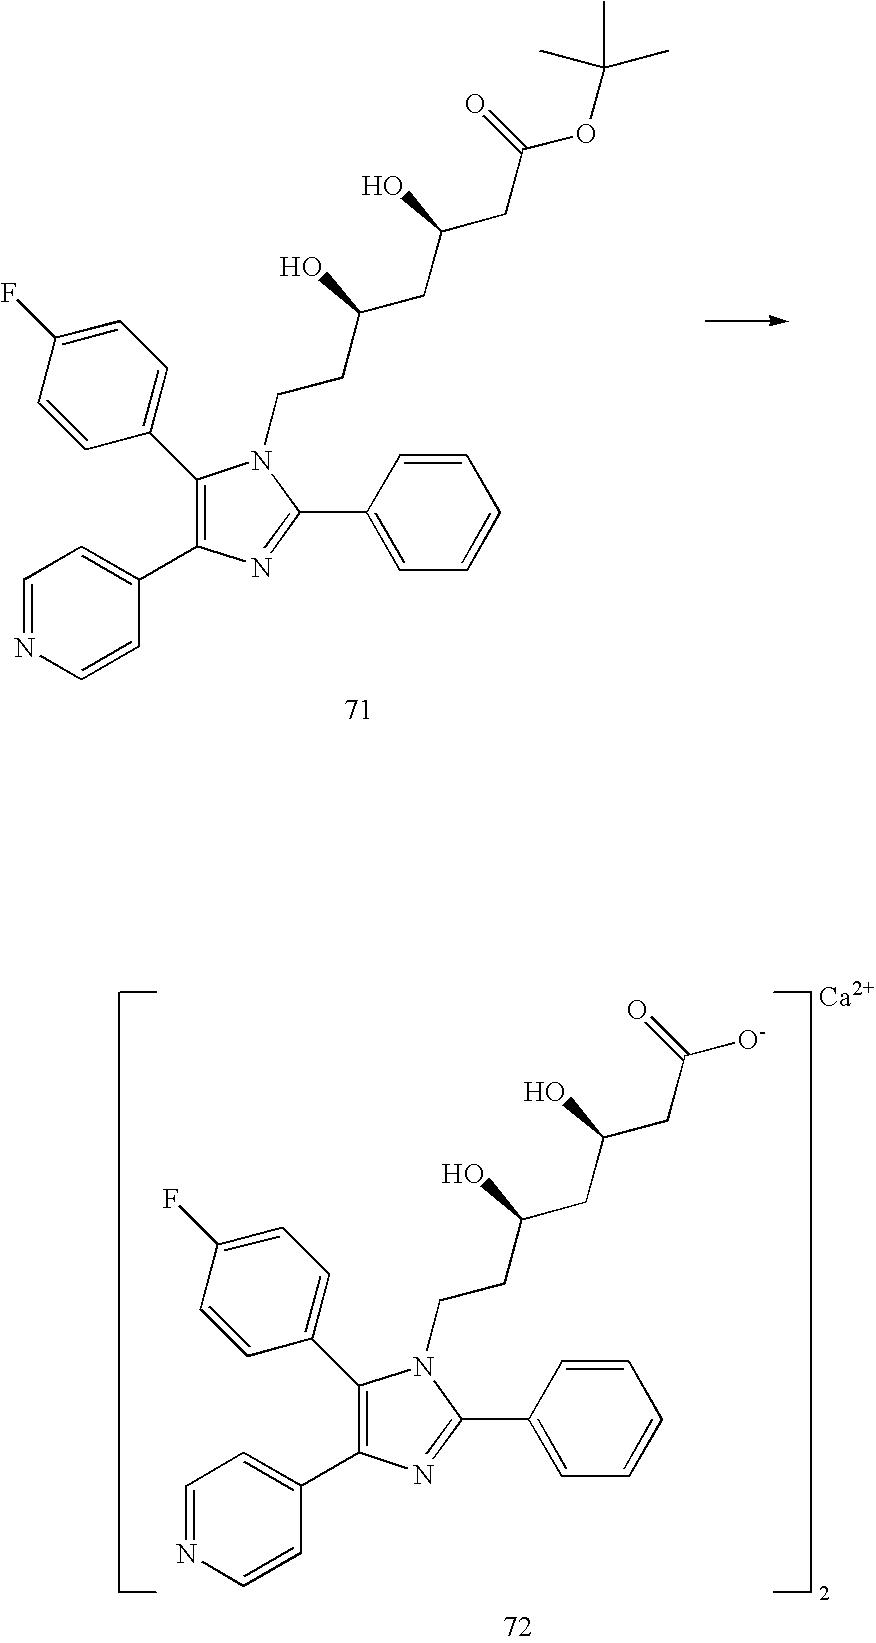 Figure US07183285-20070227-C00199